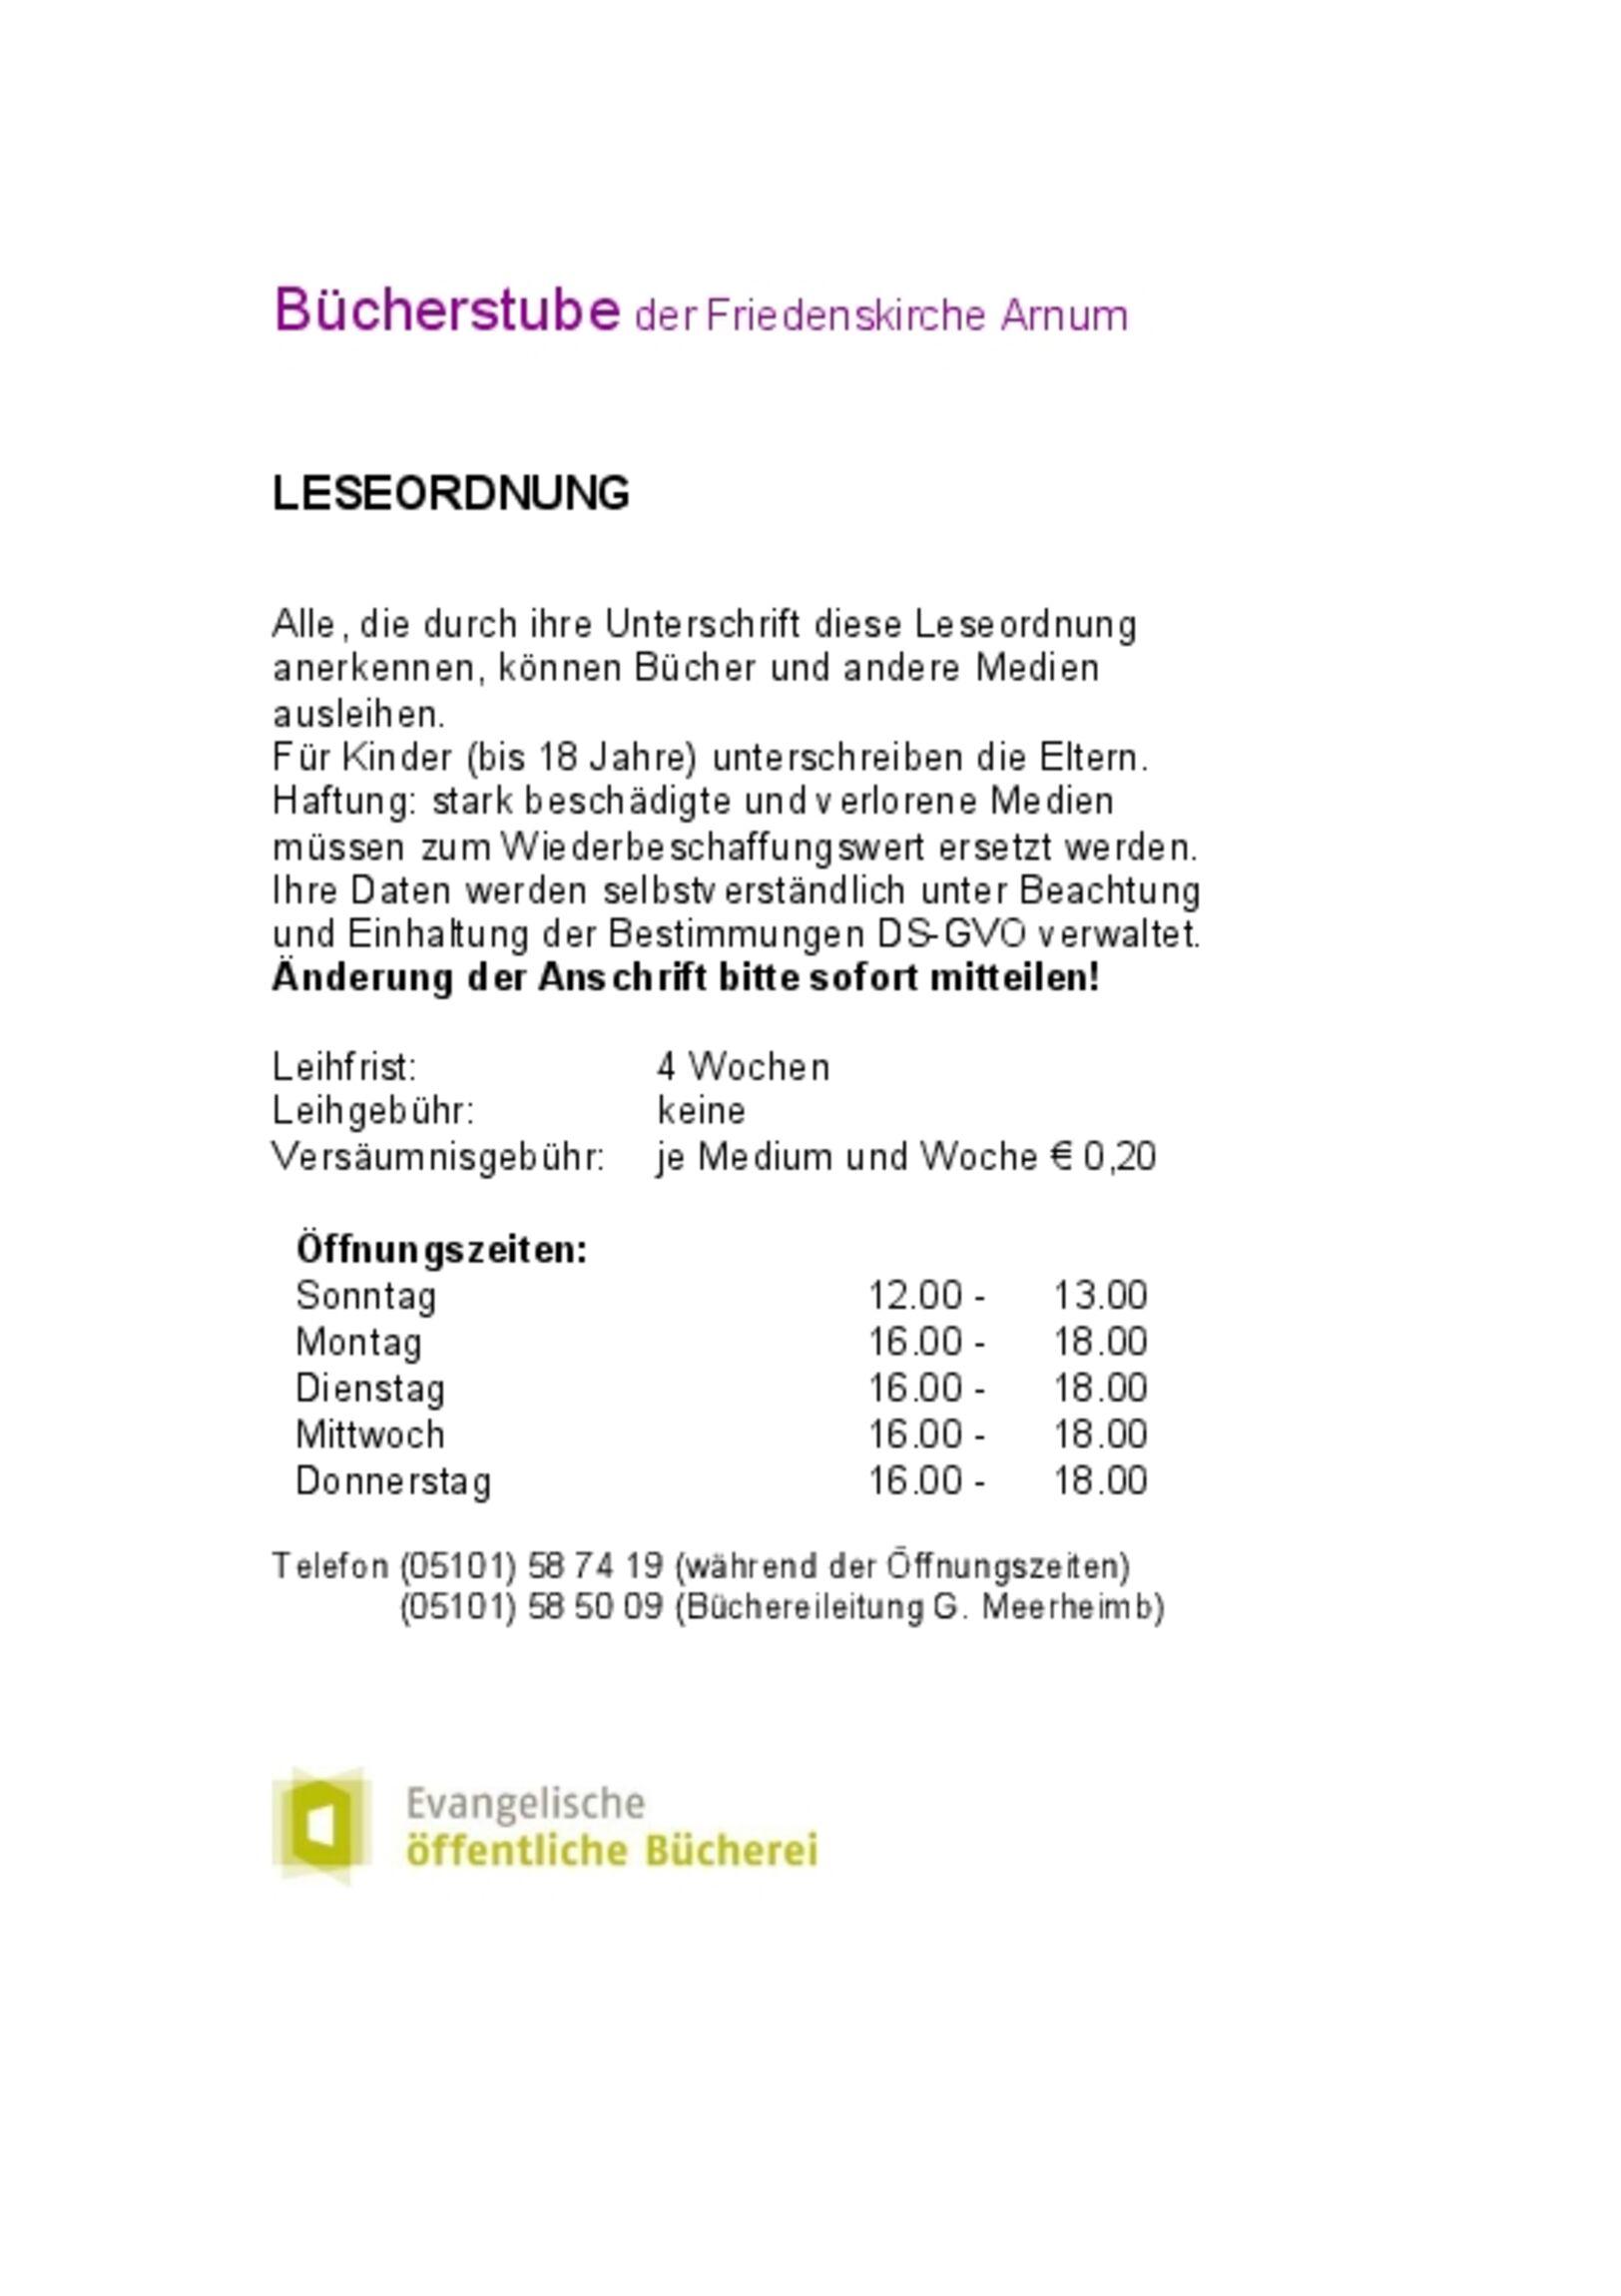 Leseordnung_2020DSV (2)_einzelnA5